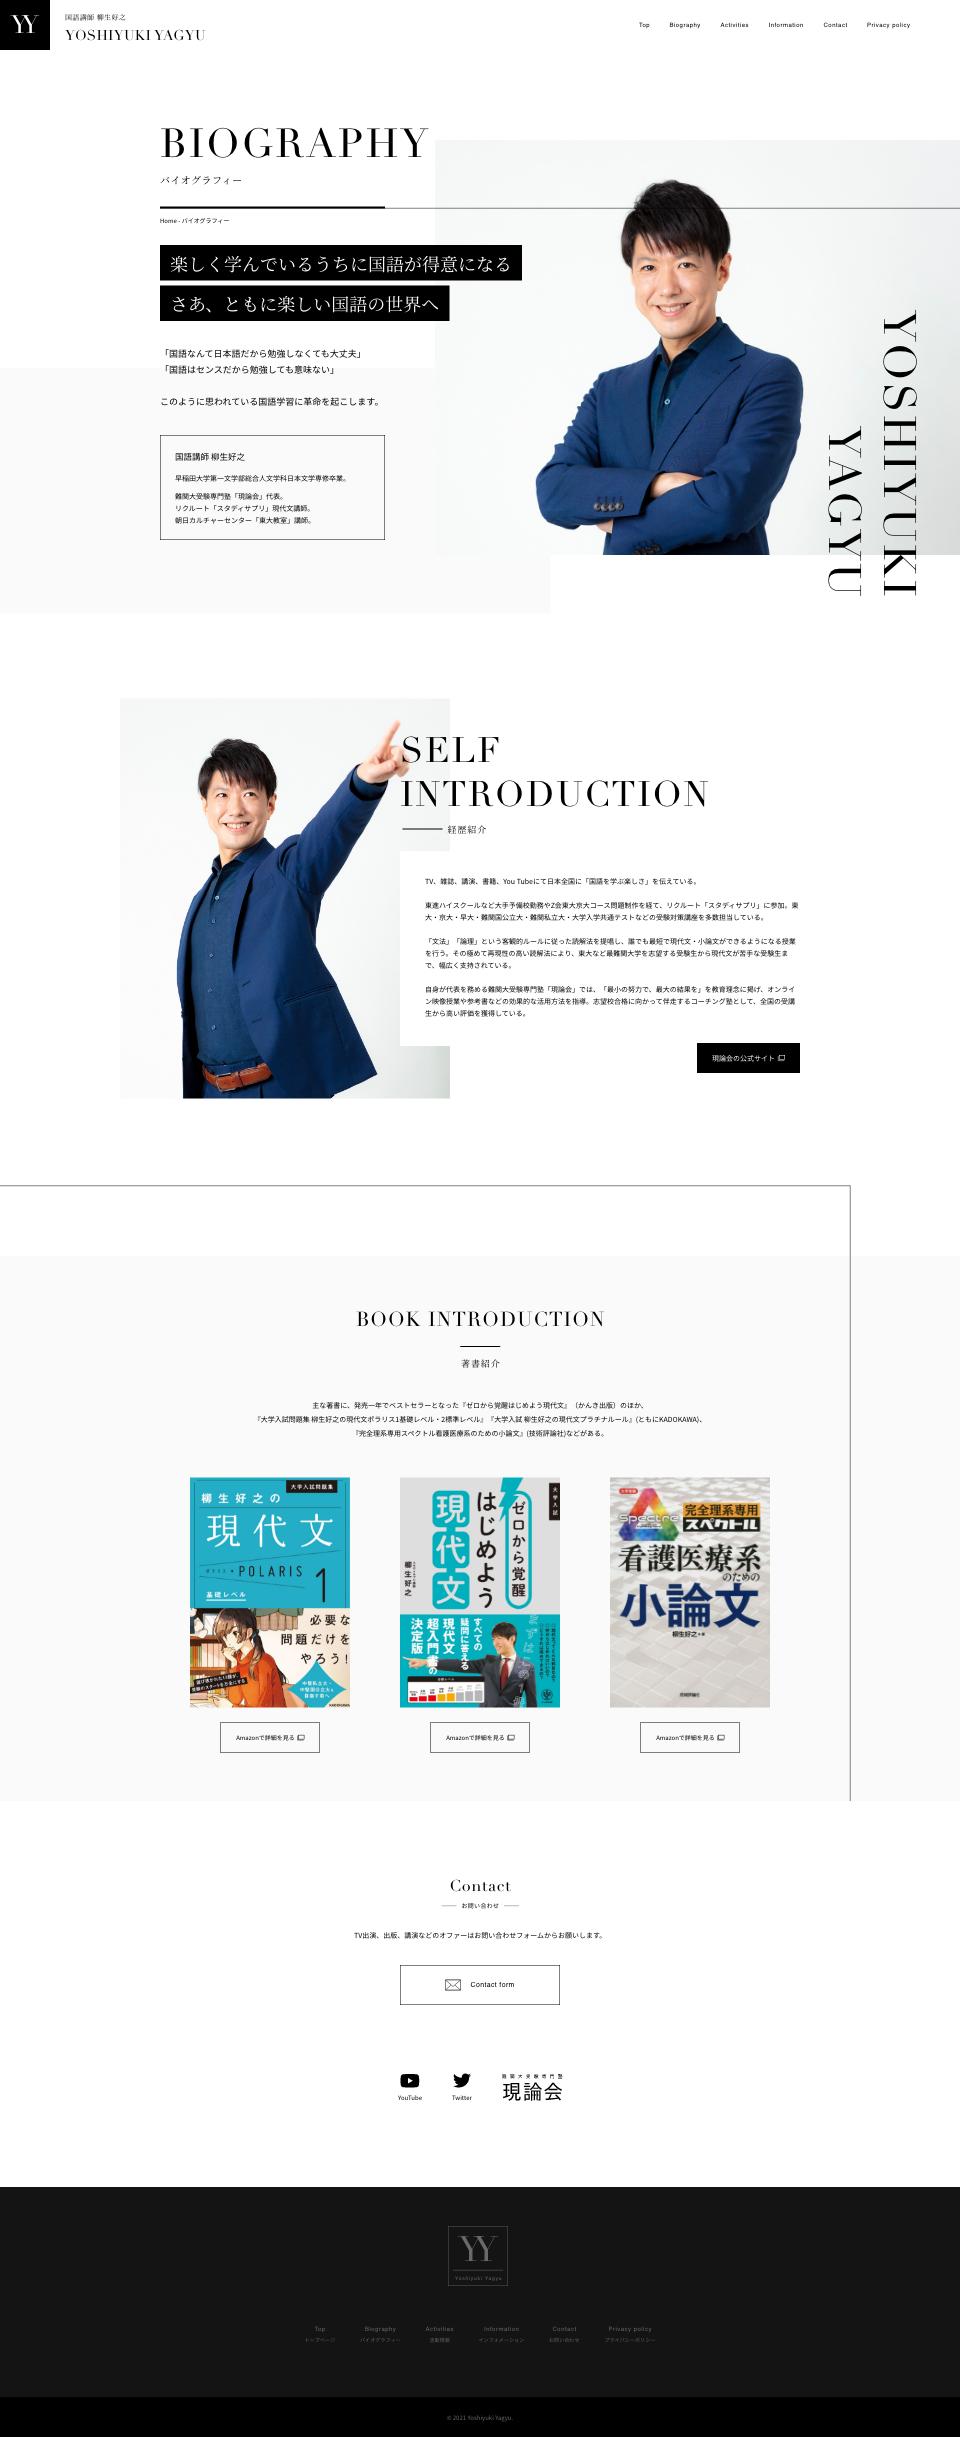 国語講師 柳生好之 公式サイト バイオグラフィーページ